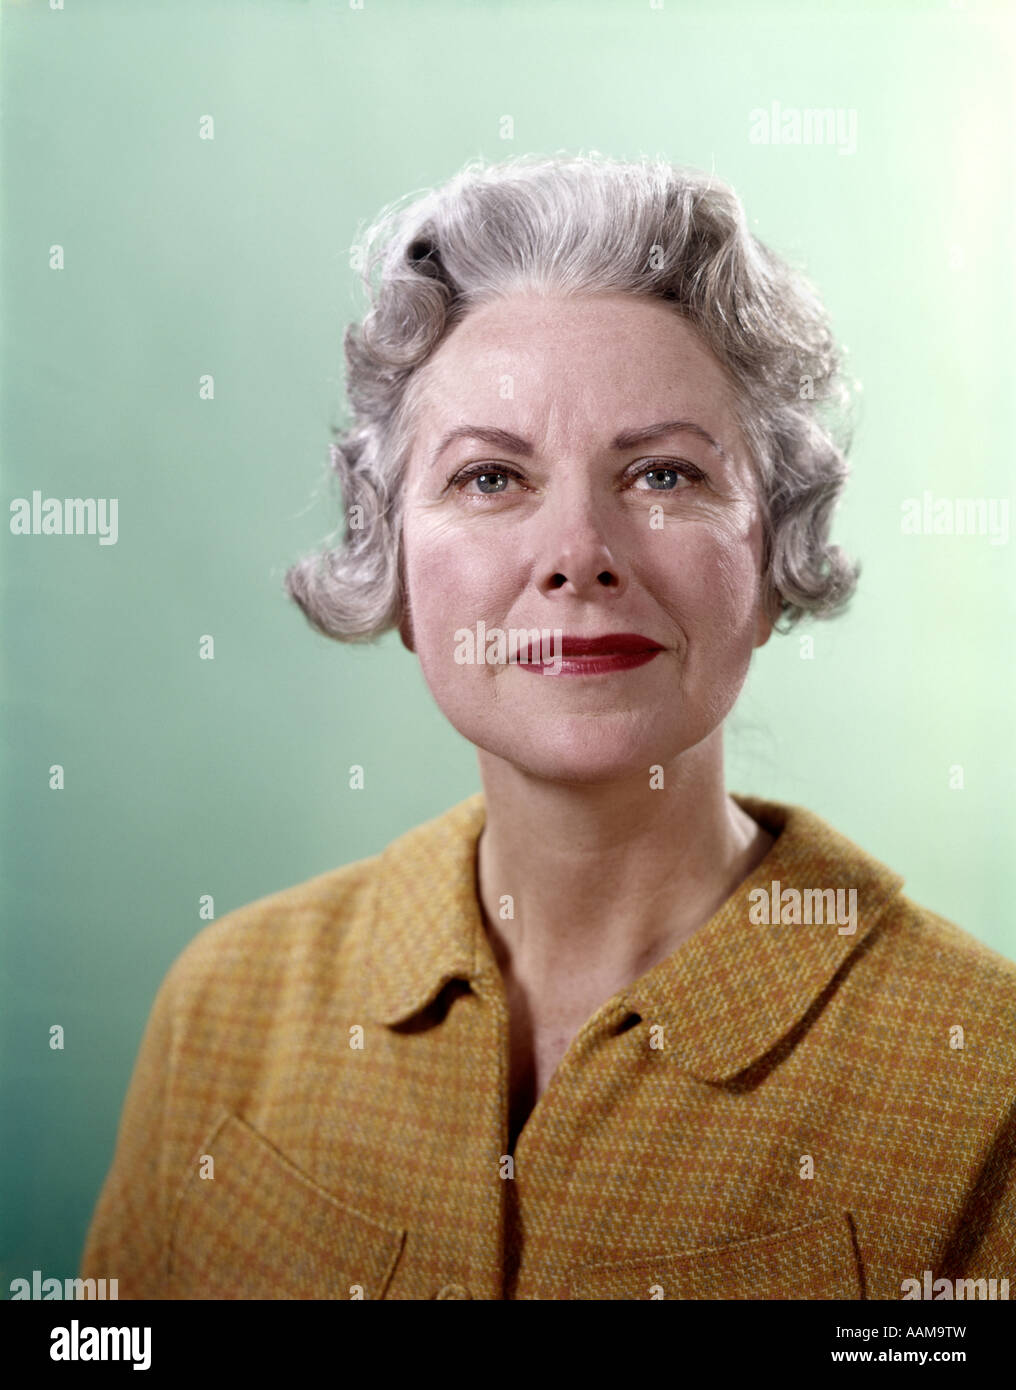 gris GOLD TOP MATURE SENIOR PERSONNES ÂGÉES 1960 RETRO EXPRESSION SOURIRE AGRÉABLE PORTRAIT FEMMES 1960 AÎNÉS Le WOMAN cheveux CHEQUE PHBqPw0Zxz